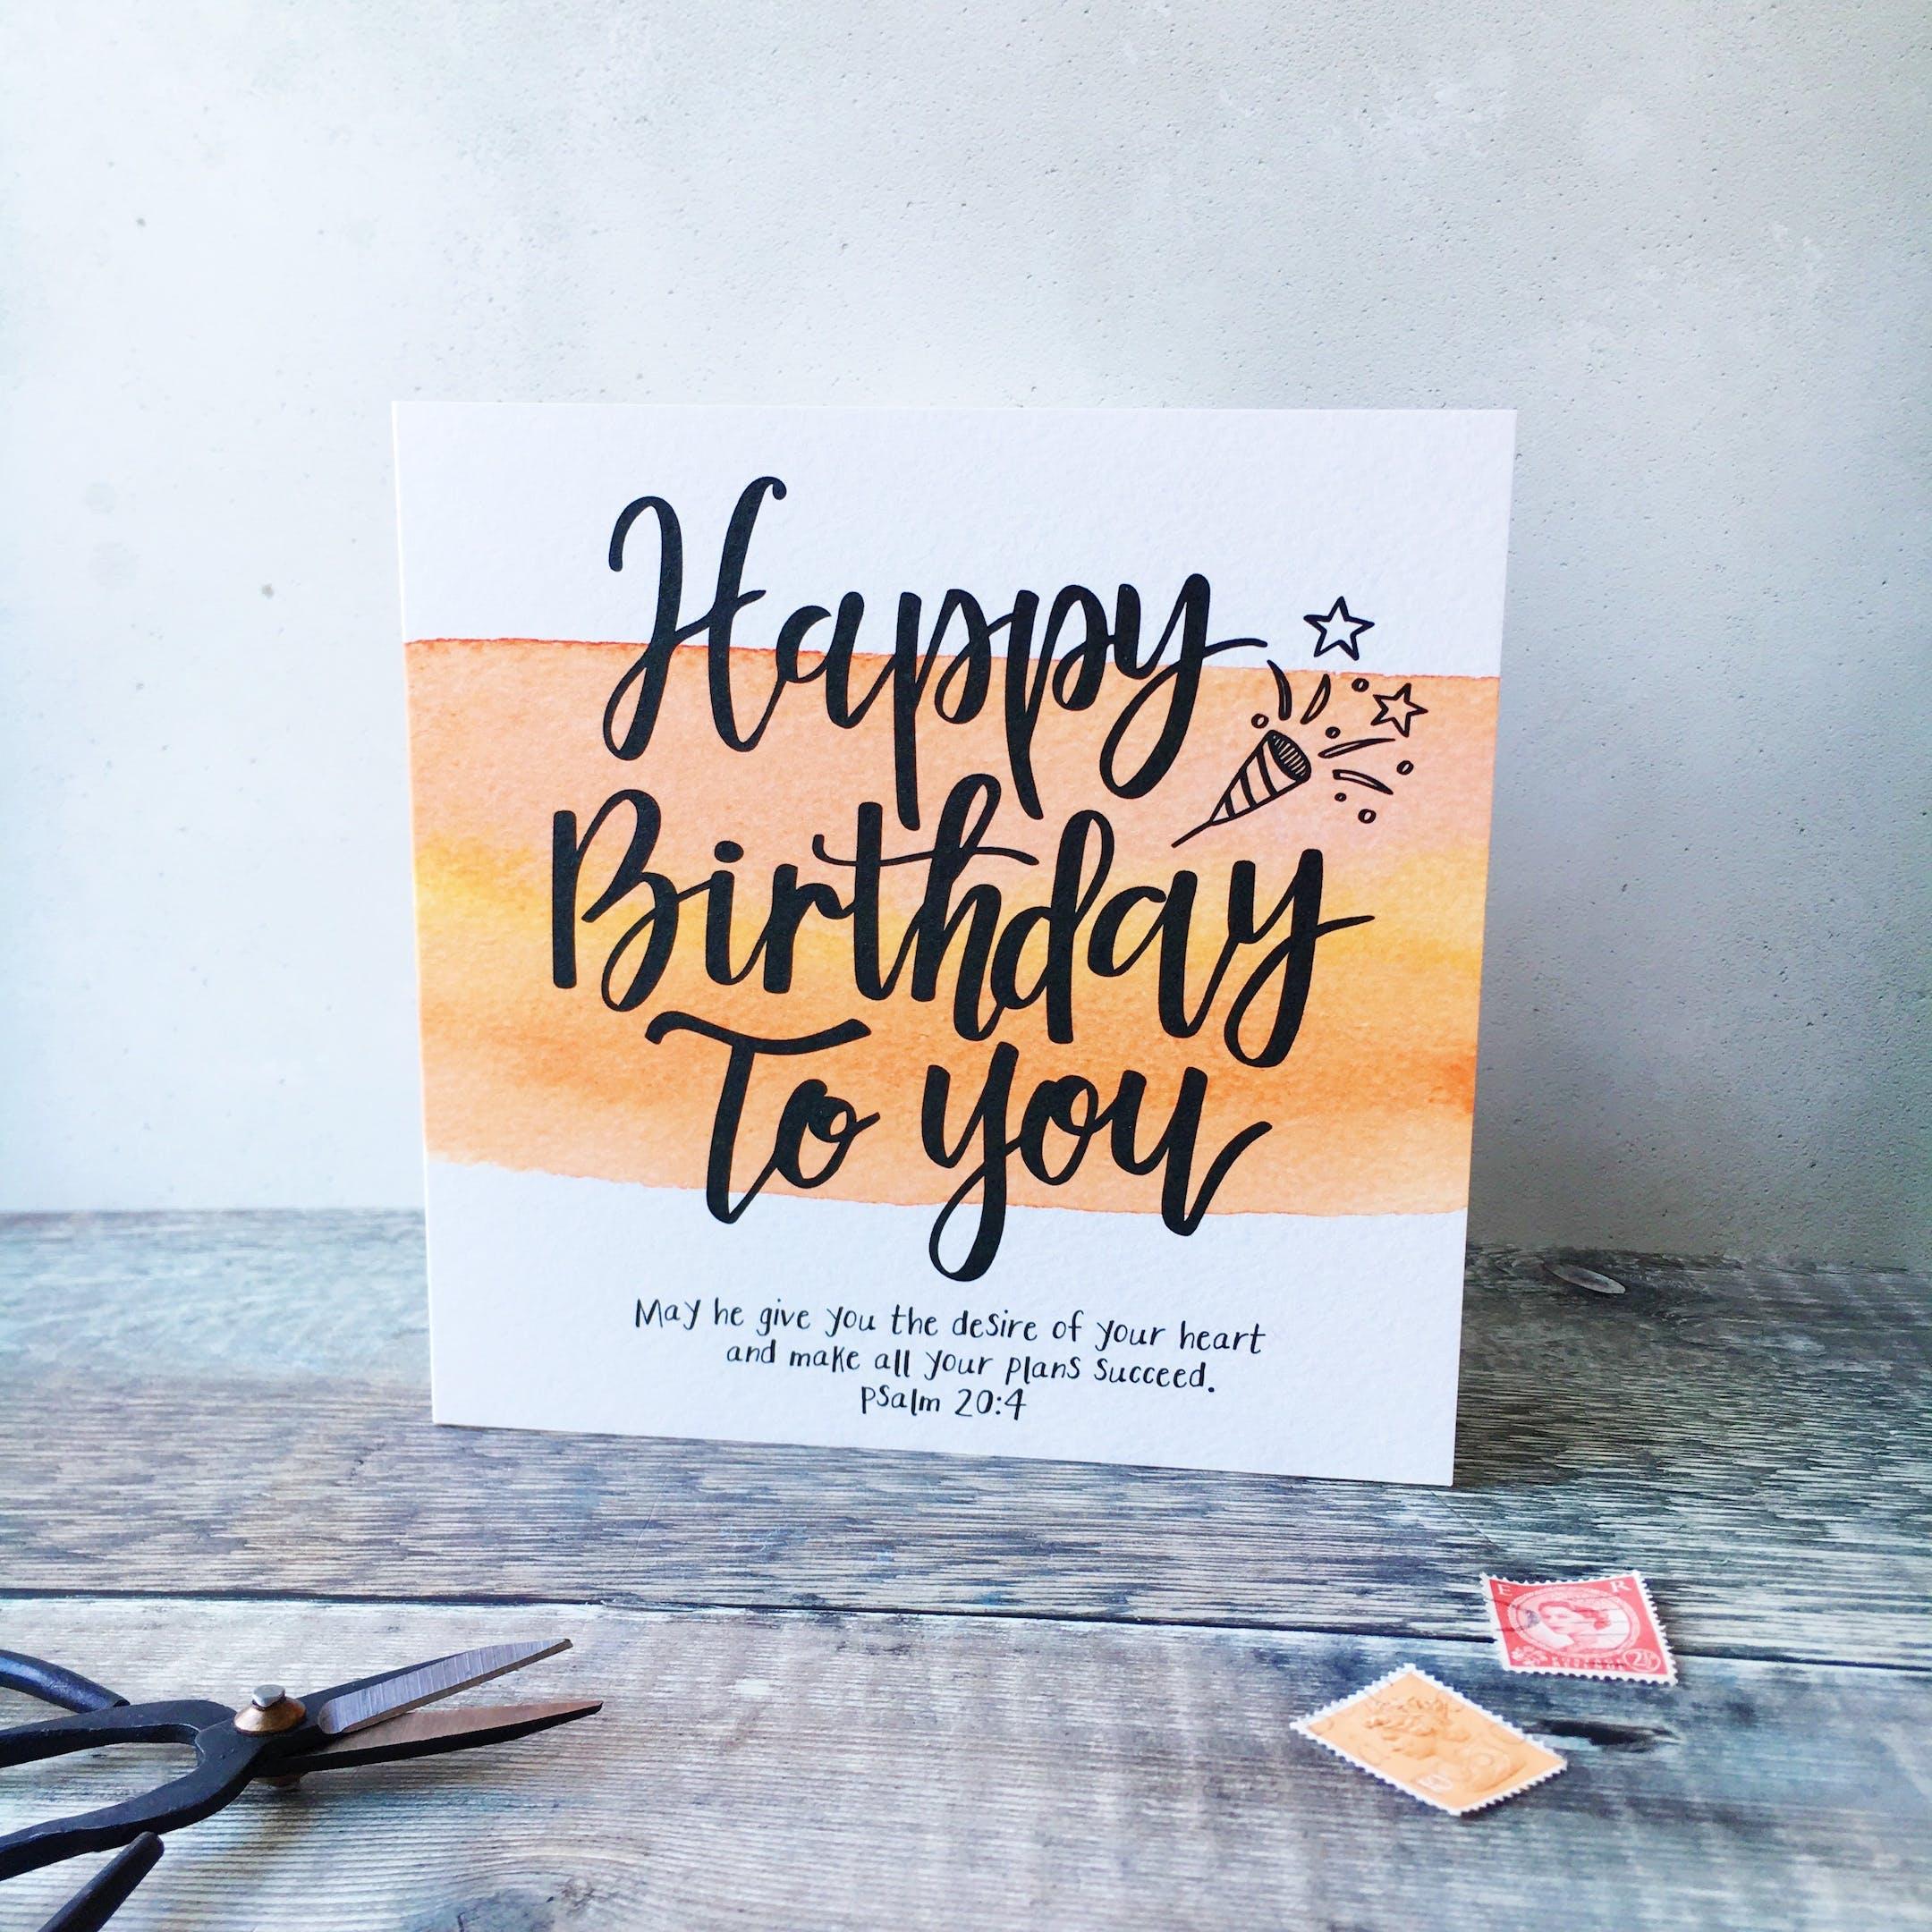 Happy Birthday - Psalm 20:4 Card - Izzy and Pop